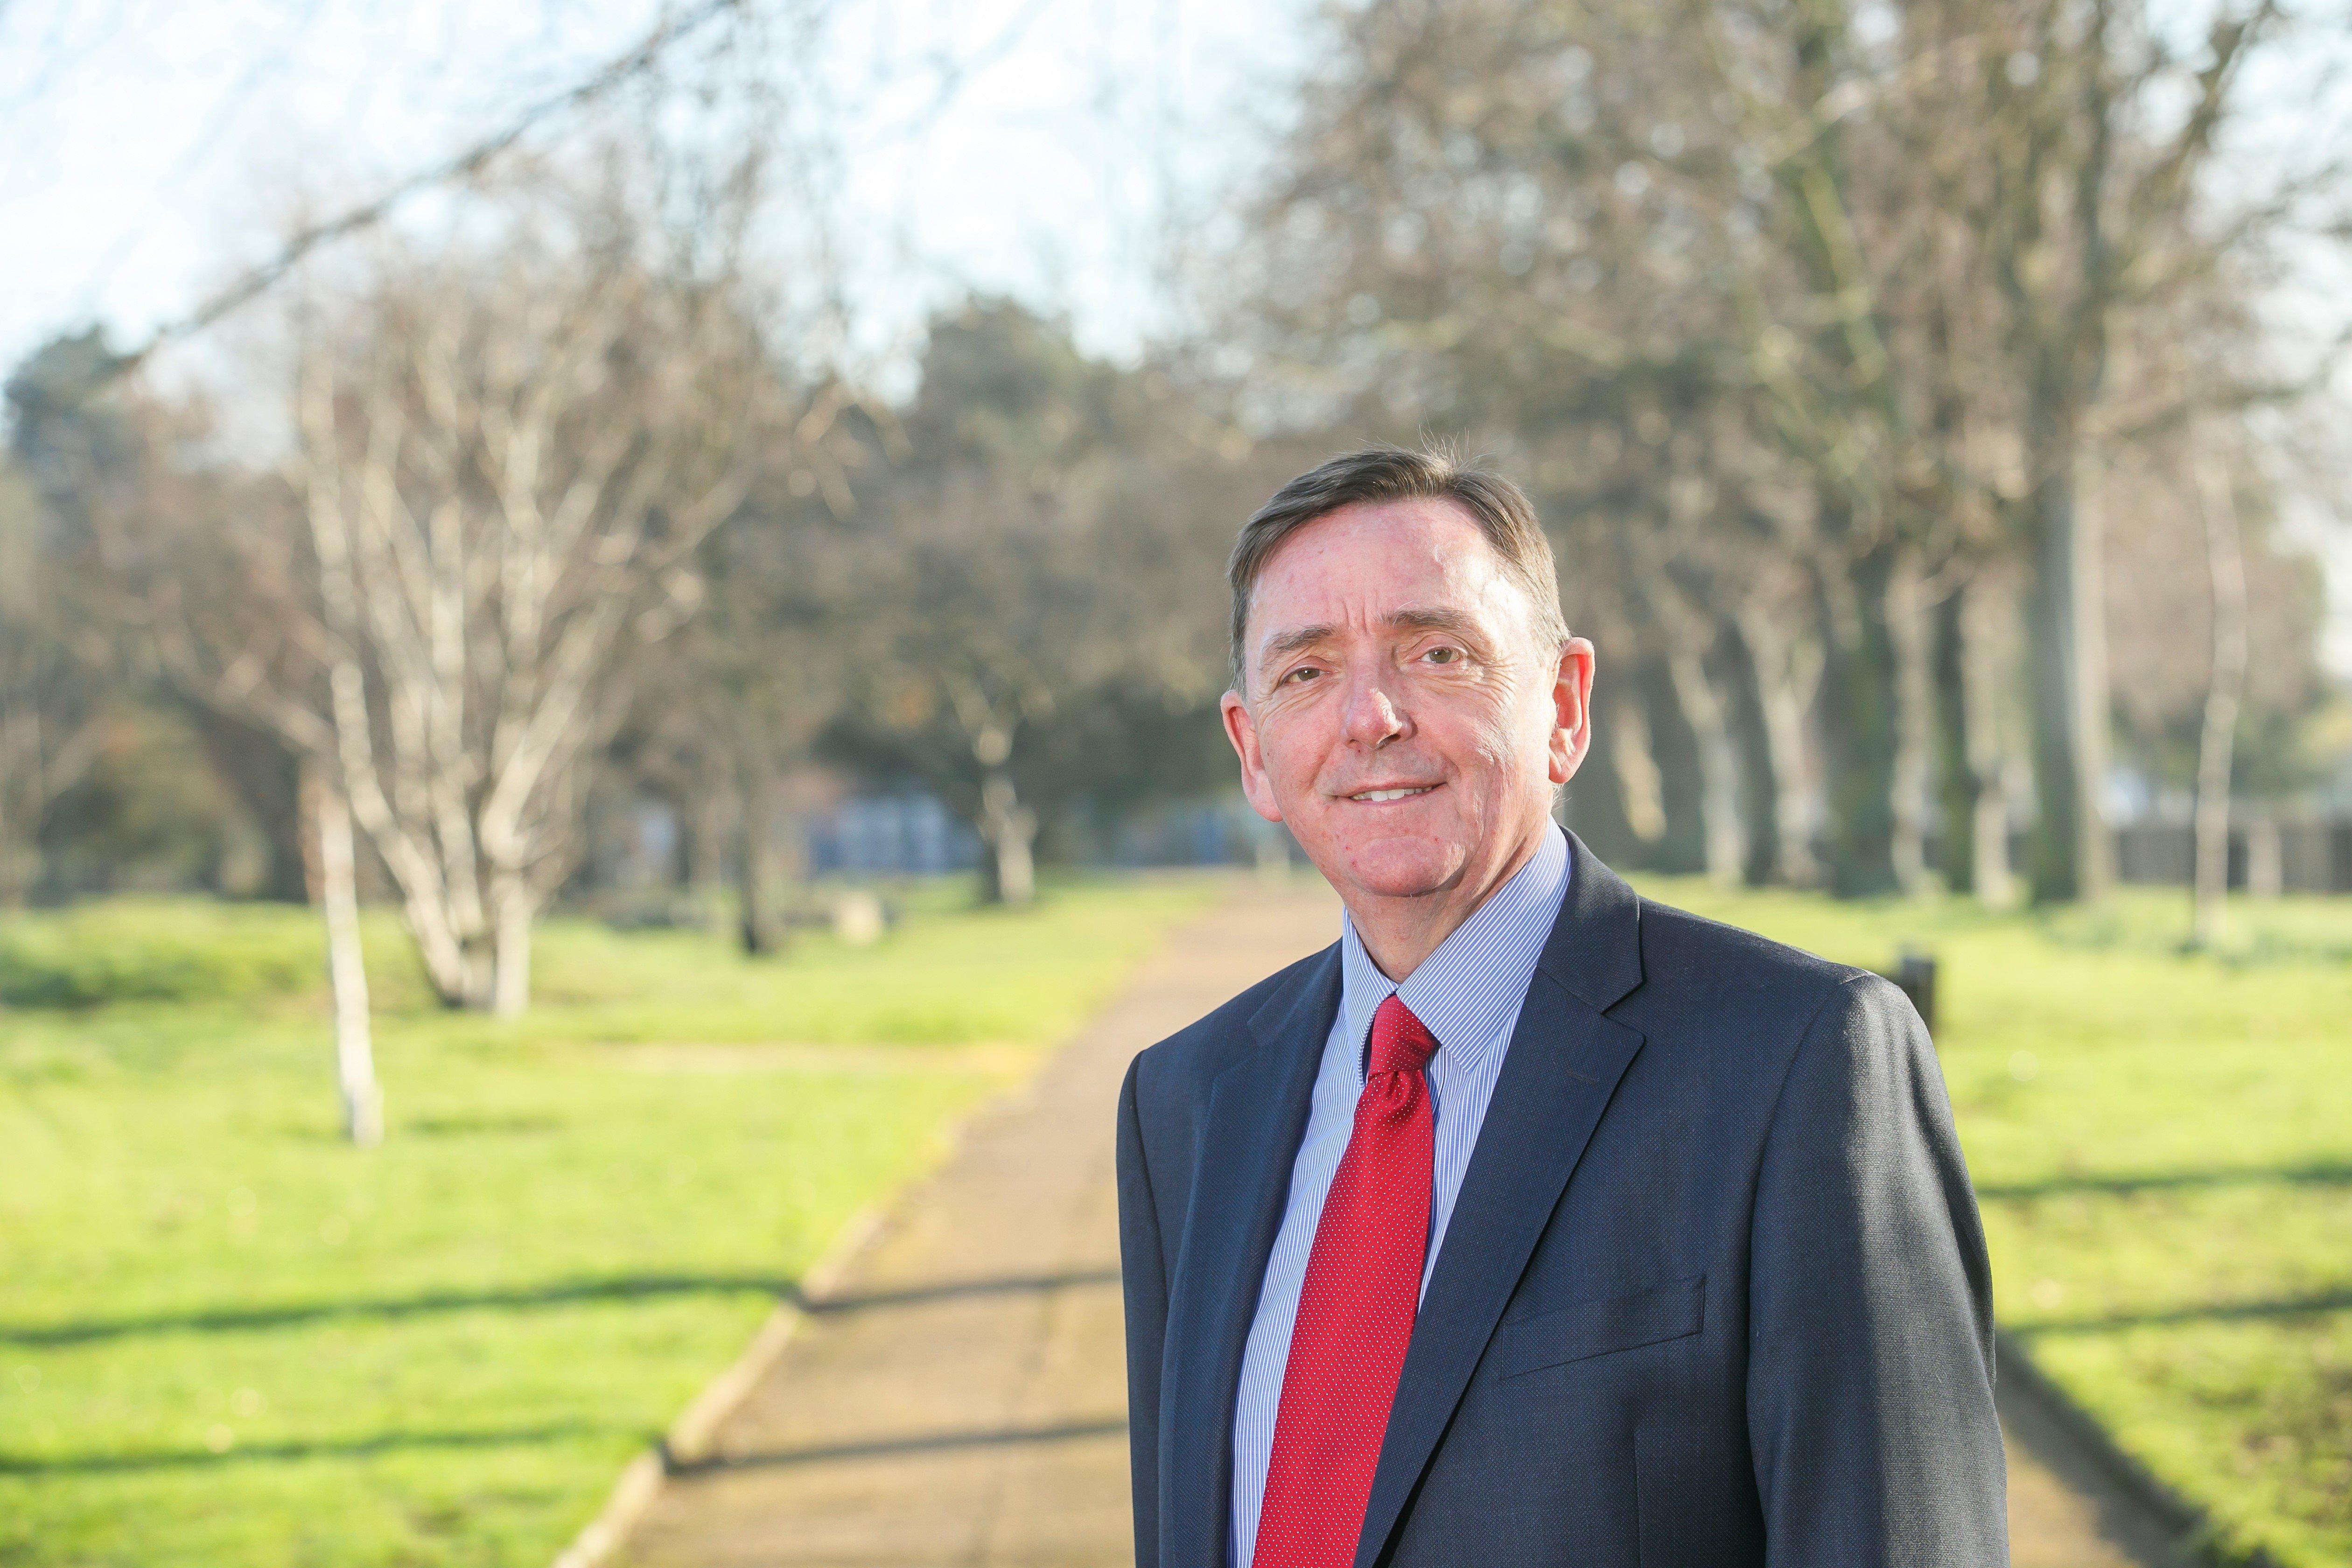 Newham Mayor Sir Robin Wales